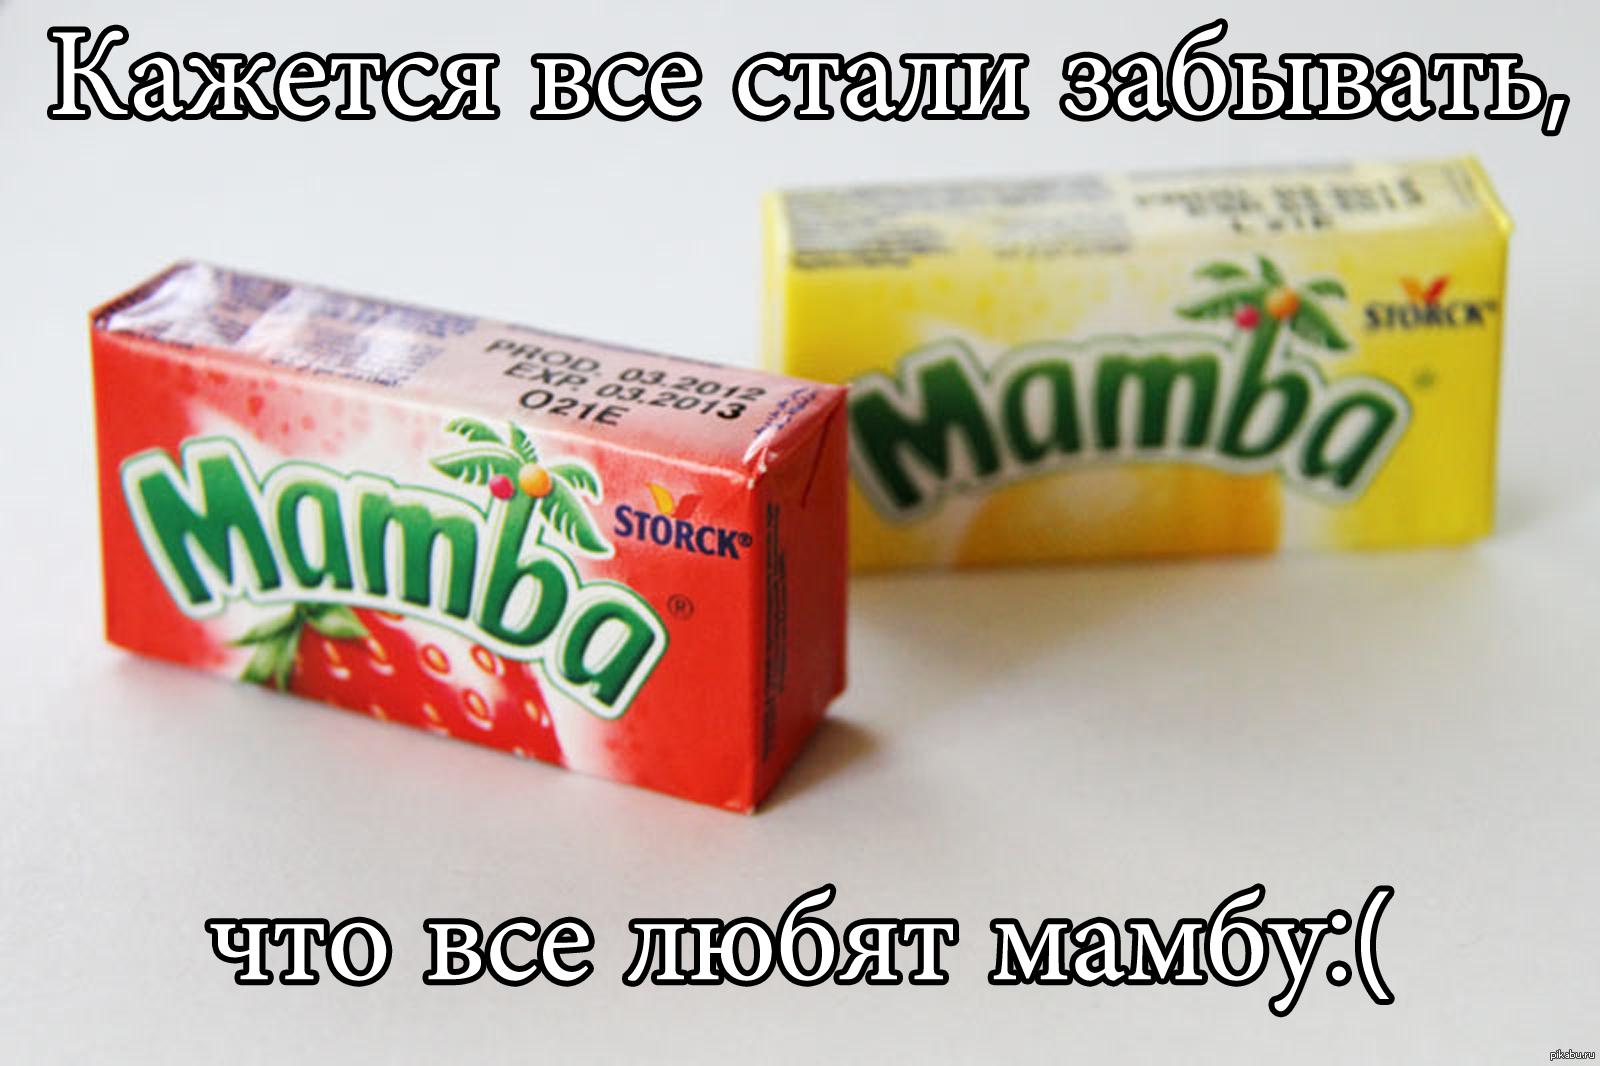 Тоже сережа любят все мамбу